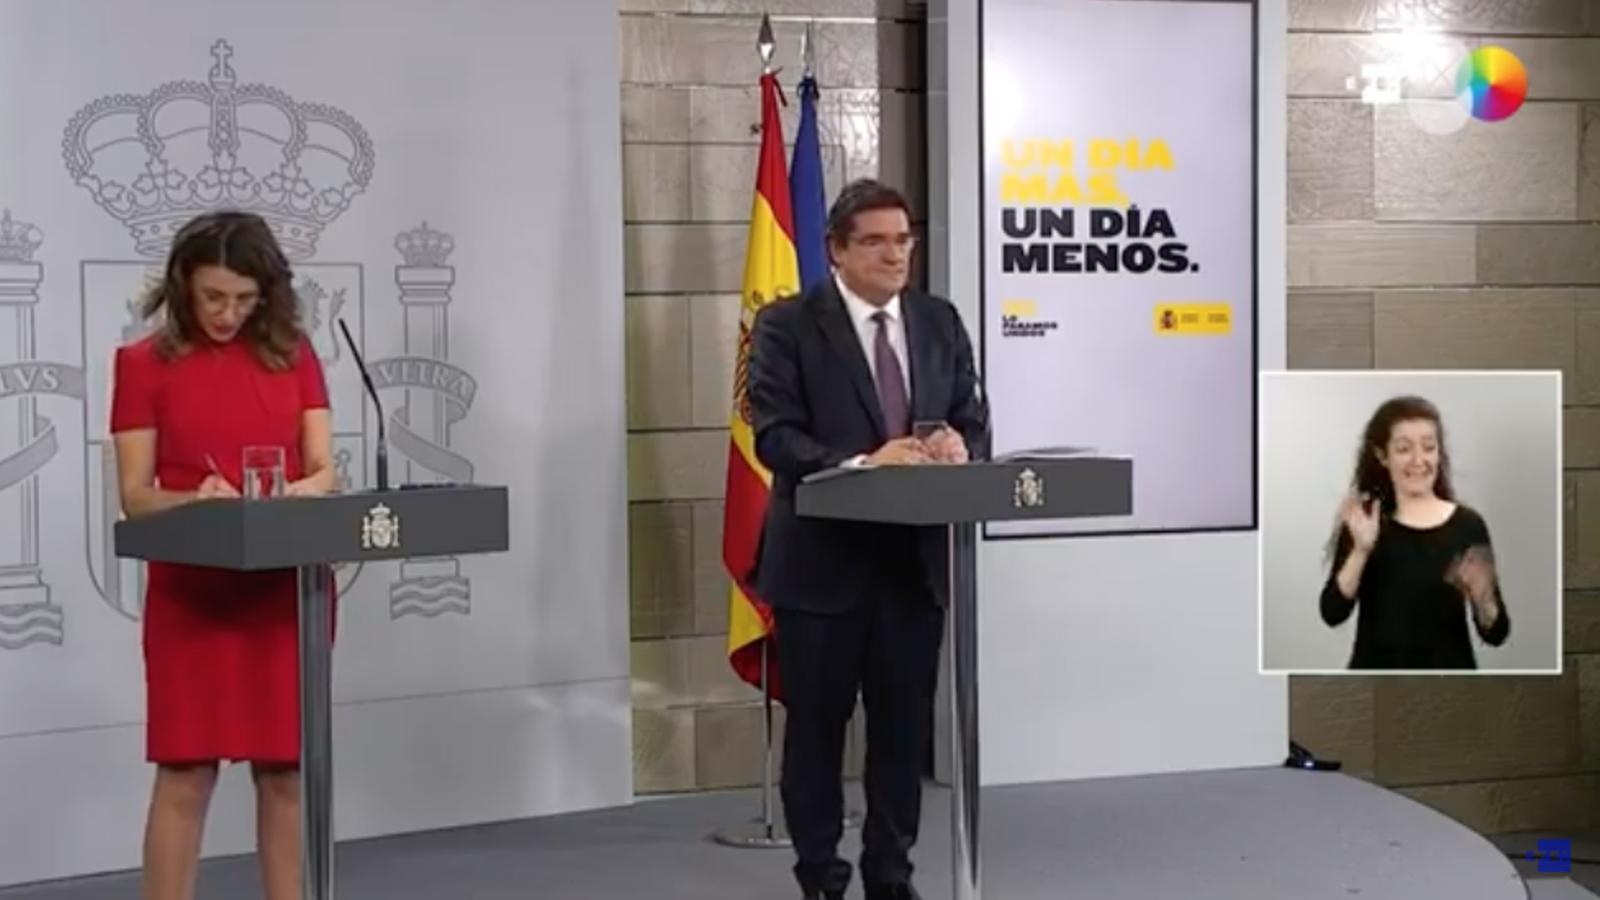 EN DIRECTE | Roda de premsa dels ministres de Treball, Yolanda Díaz, i de Seguretat Social, José Luis Escrivá